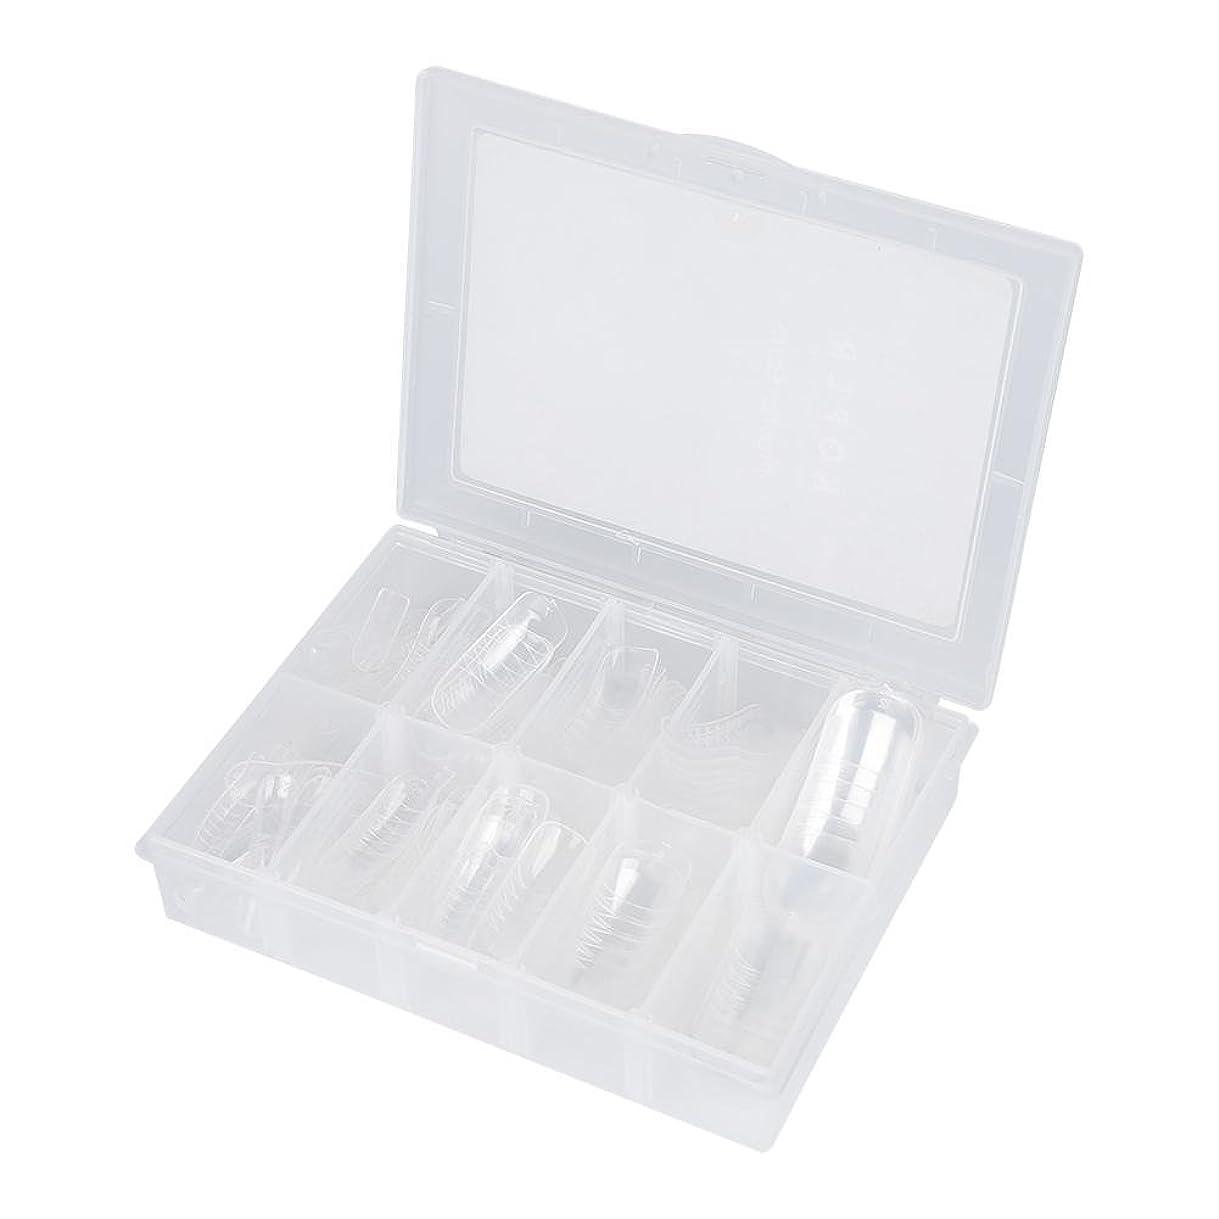 動く締める浅いネイルチップ - Delaman つけ爪、クリア、透明、120枚入れ